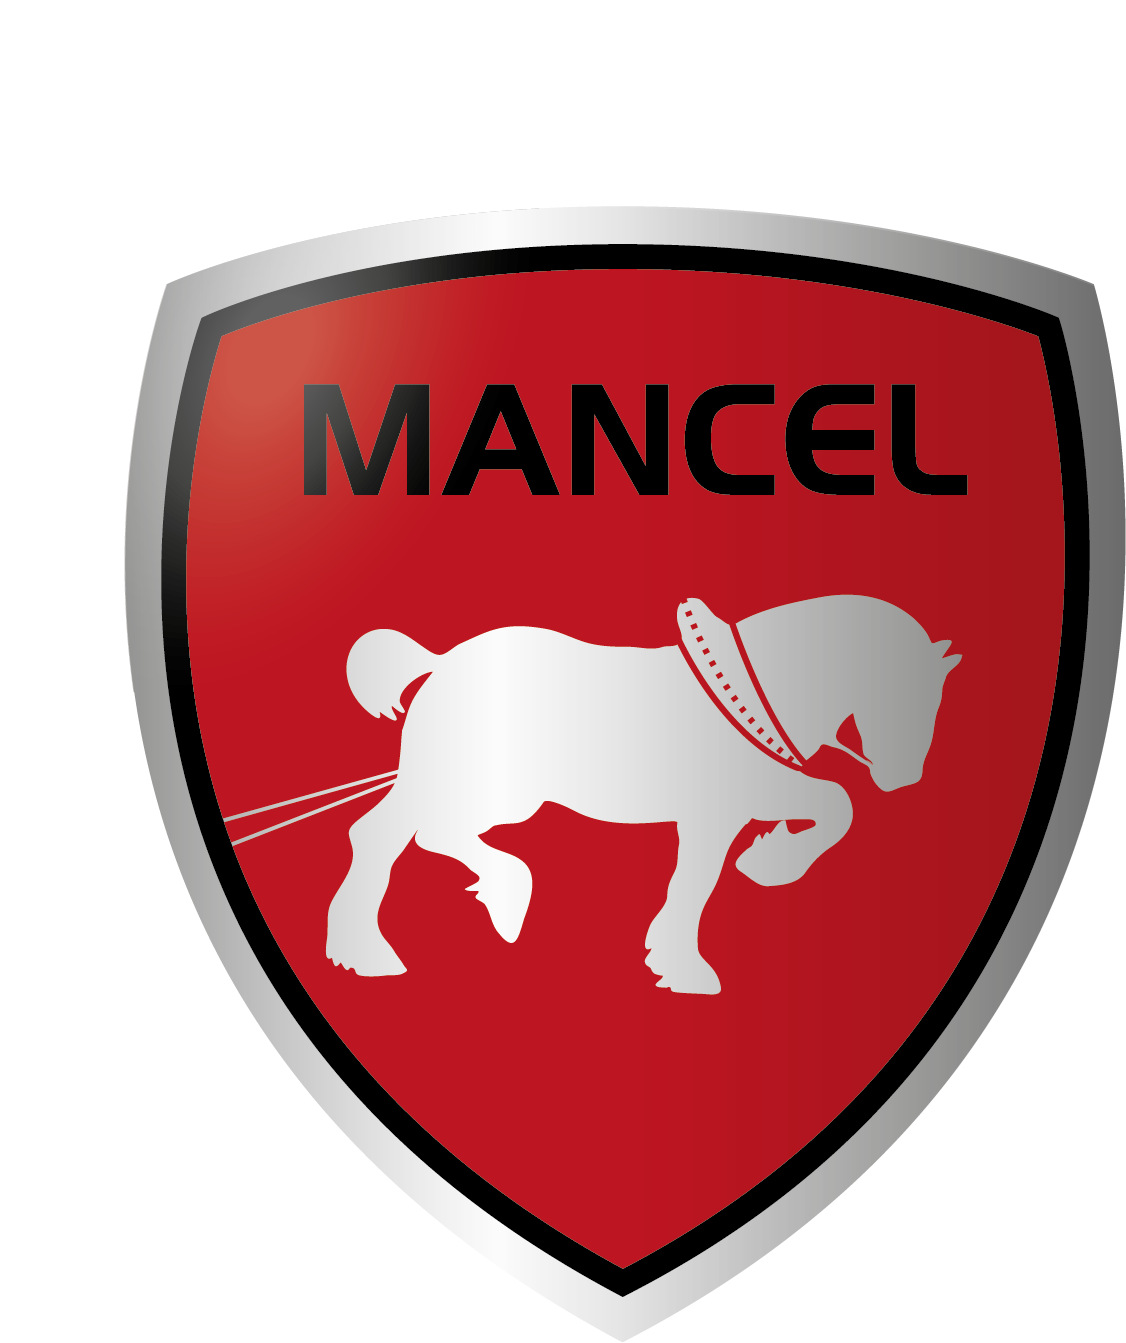 MANCEL_LOGO (1)